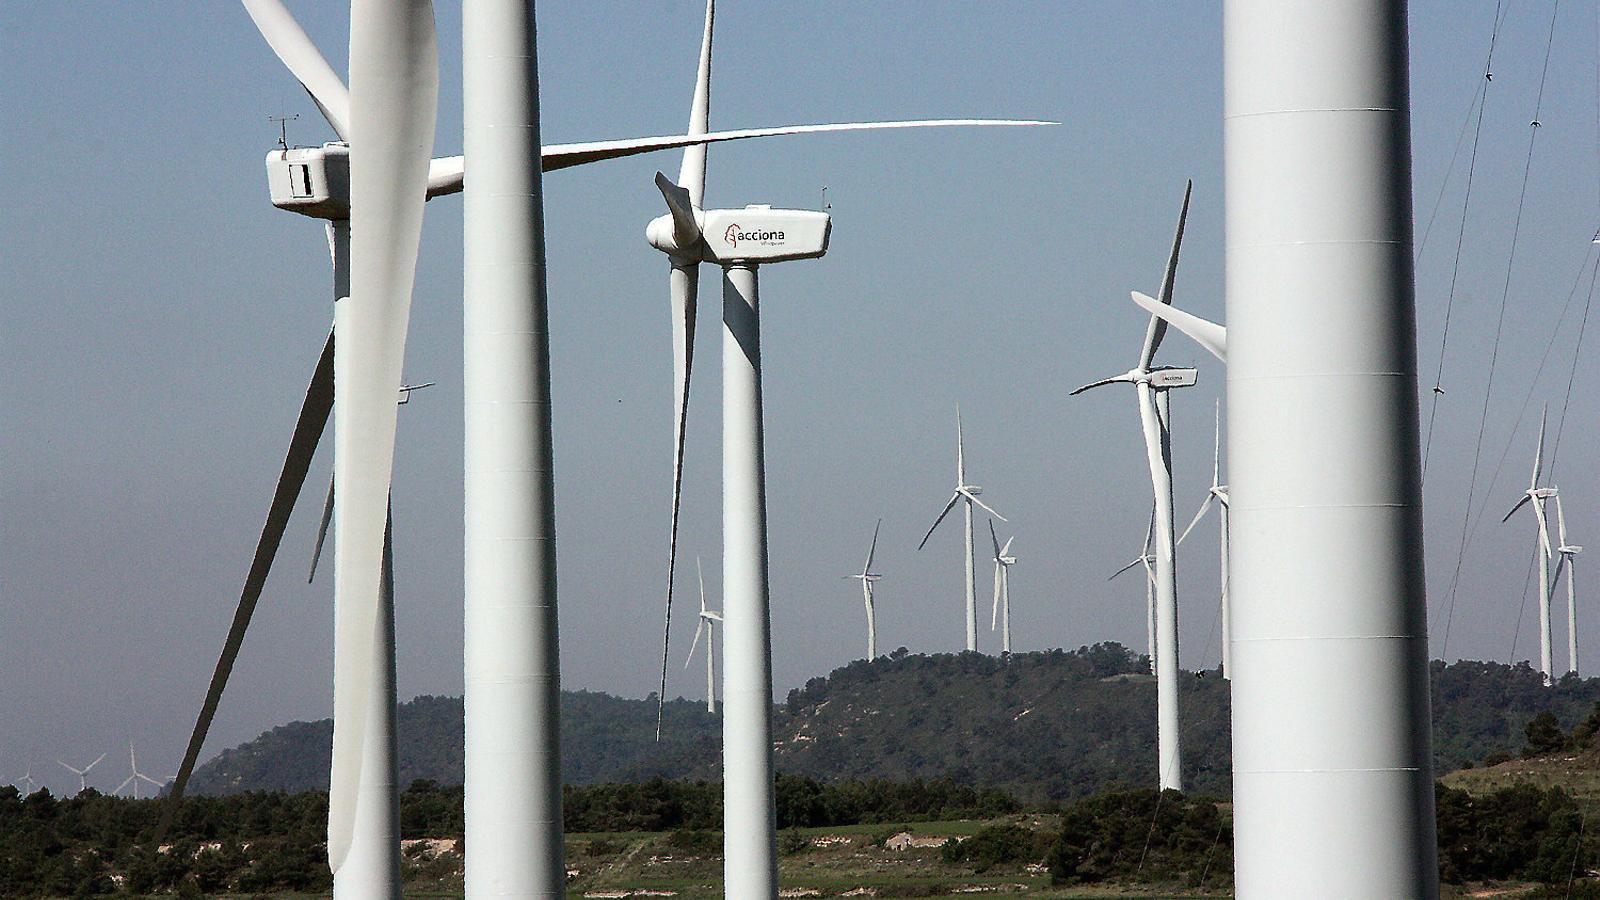 Molins de vent del parc eòlic  de la Serra del Tallat.  Inscripció  en un monòlit  que recorda  a Valldevià (Vilopriu) el punt on es va situar, el 1984, el primer aerogenador de Catalunya.